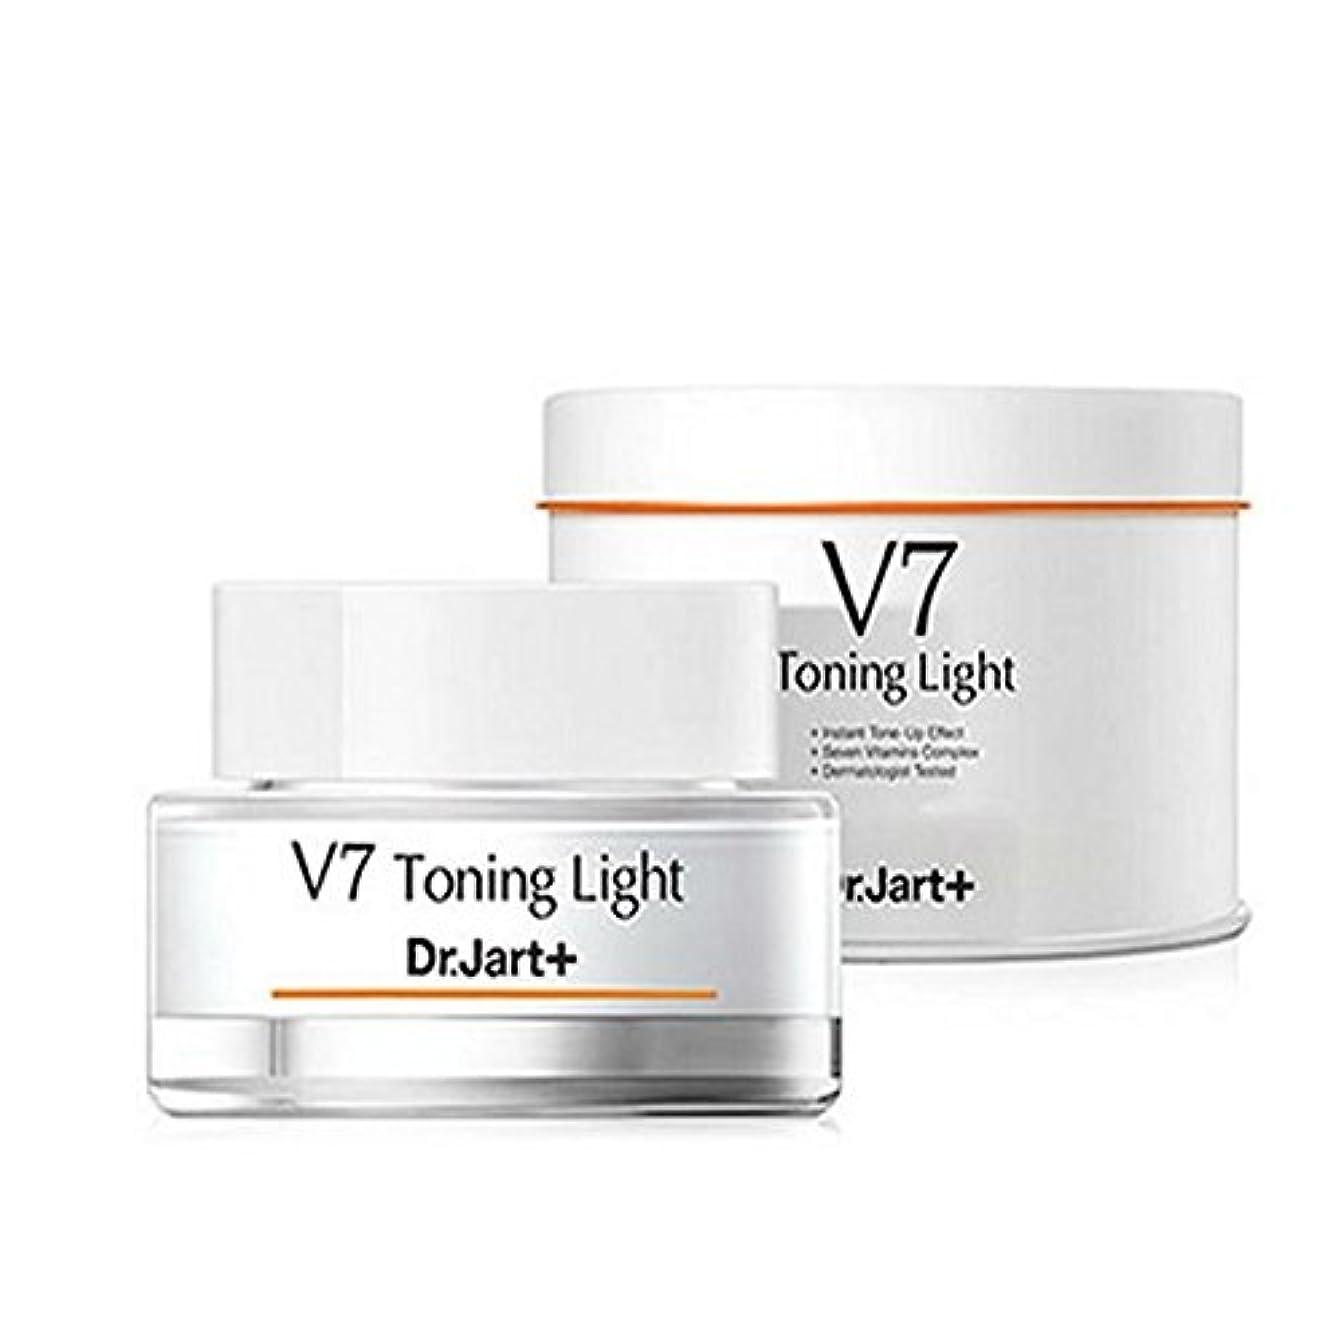 結晶矢印歴史家Dr. Jart /ドクタージャルト V7 トーニングライト/V7 Toning Lihgt 50ml/100% Authentic direct from Korea [並行輸入品]